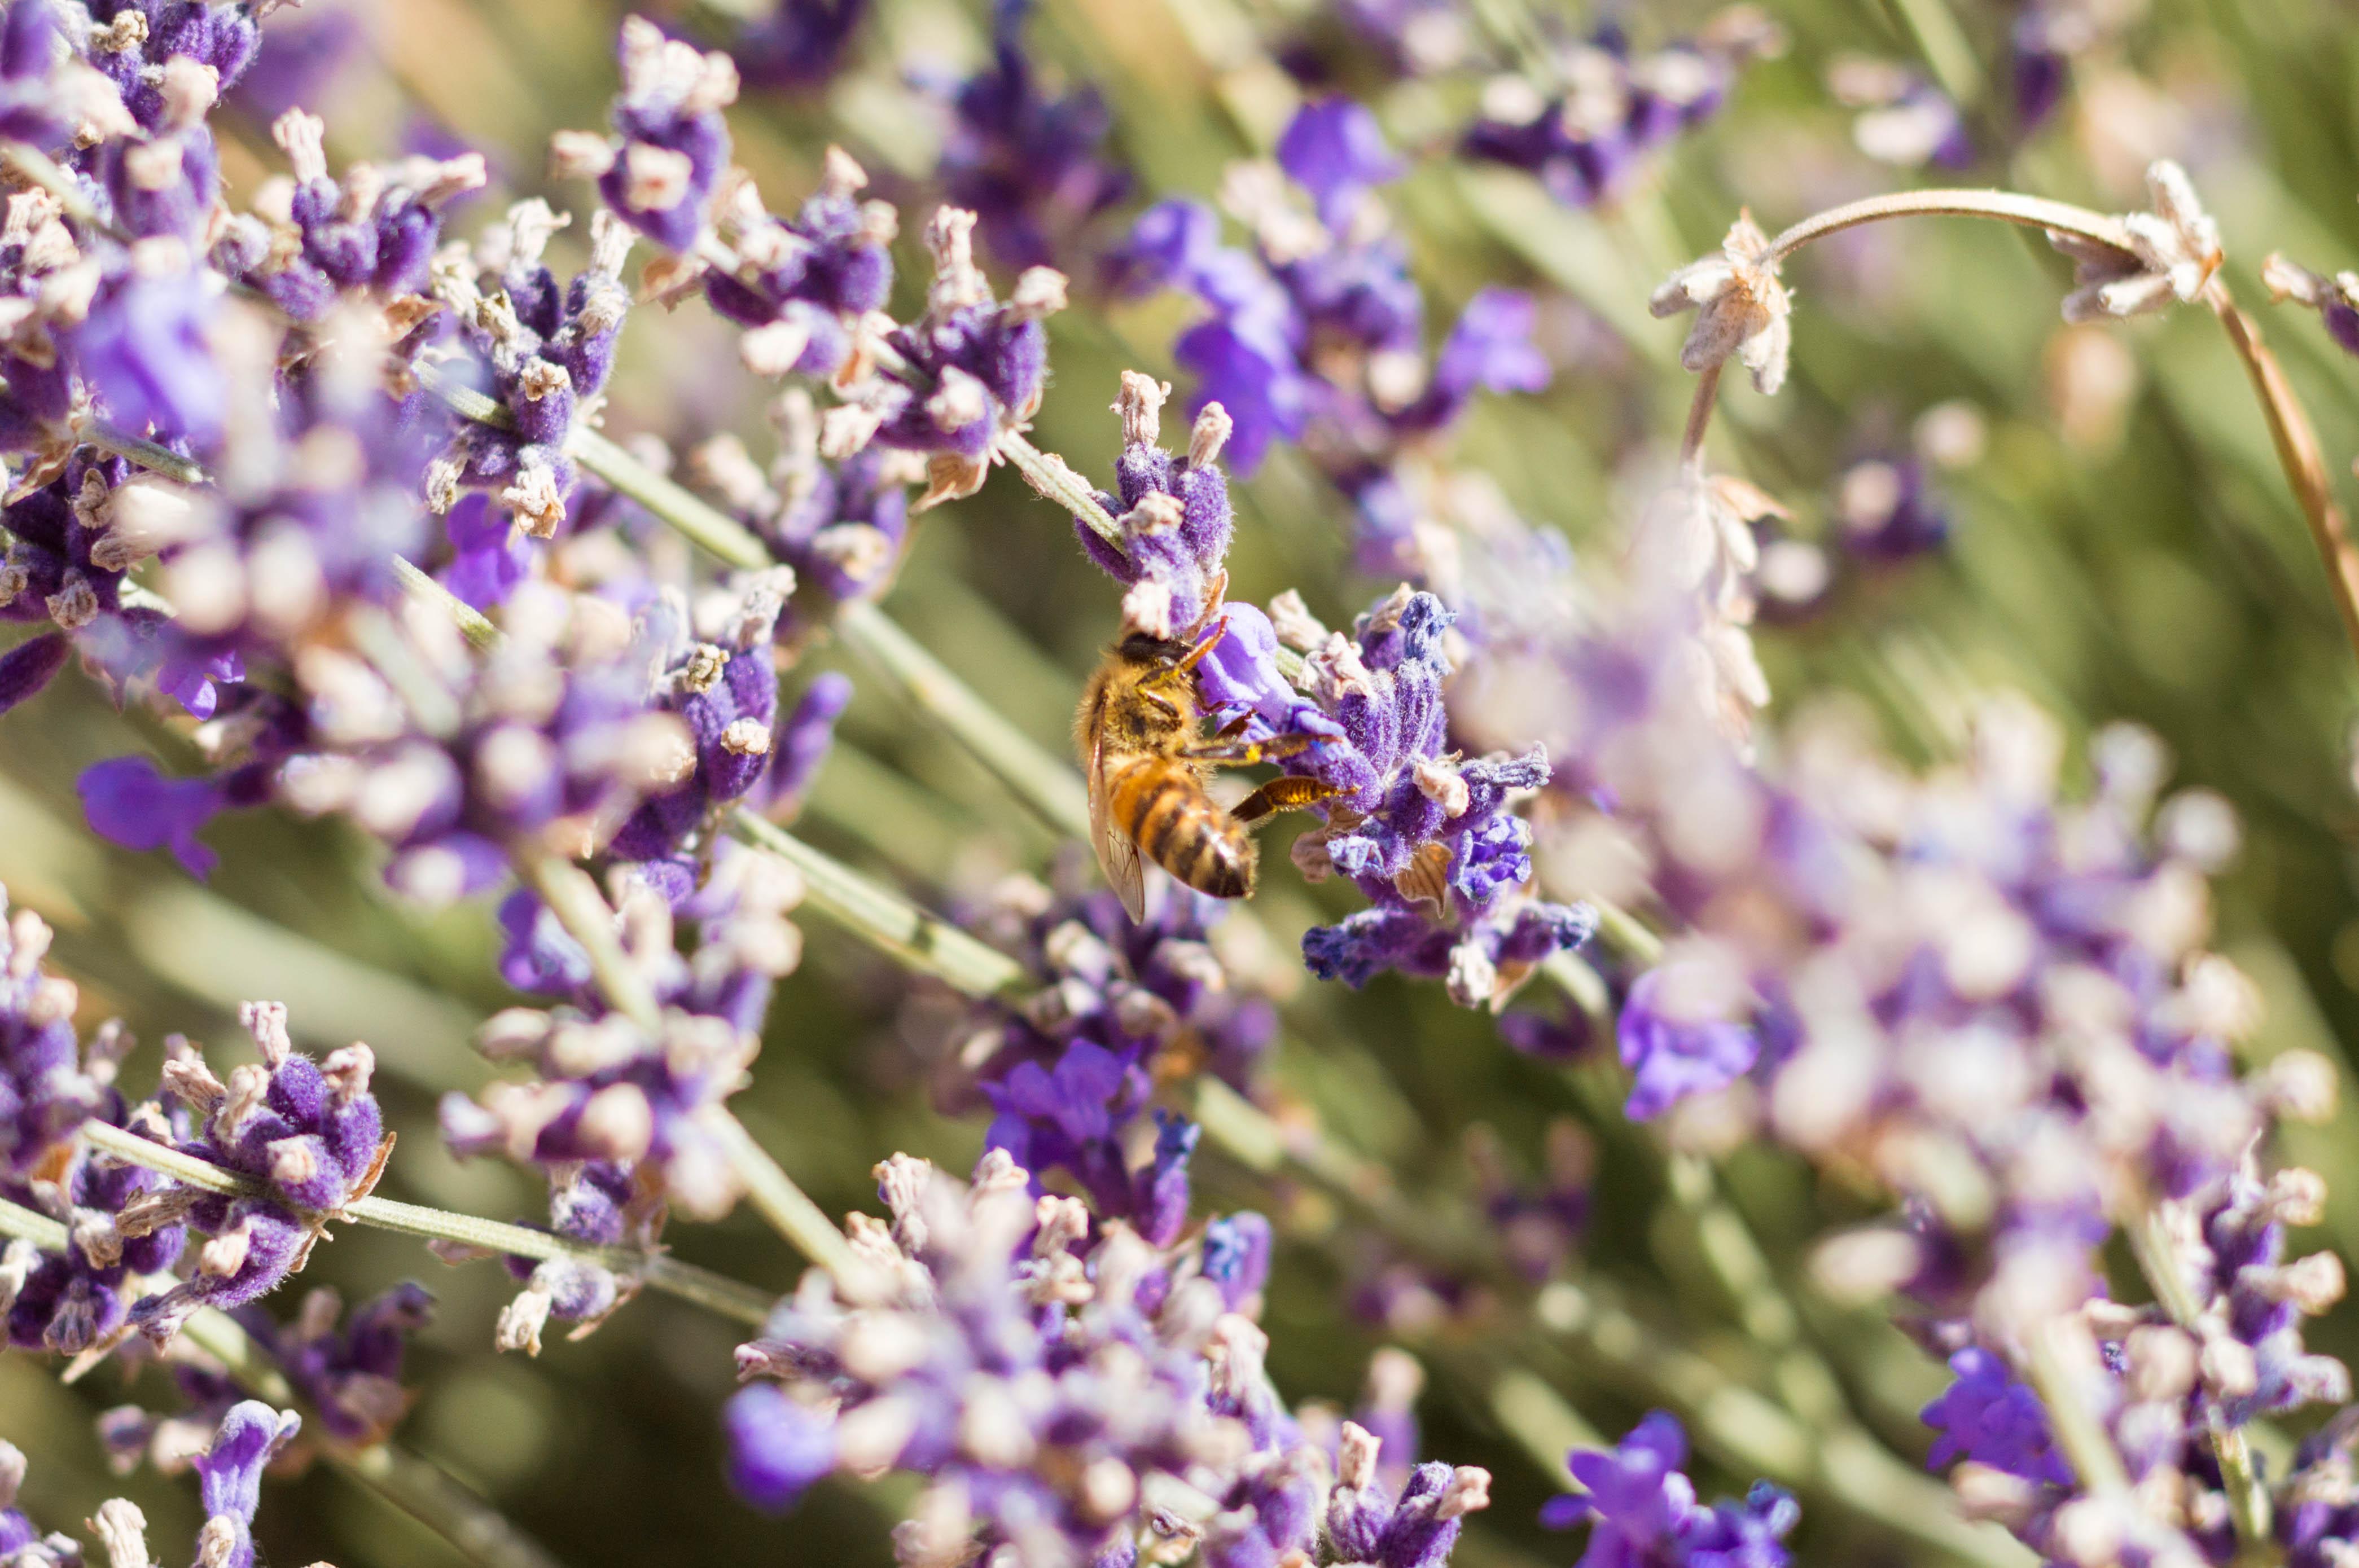 Lavender Labyrinth at Bees N Blooms, Santa Rosa, Sonoma County, California